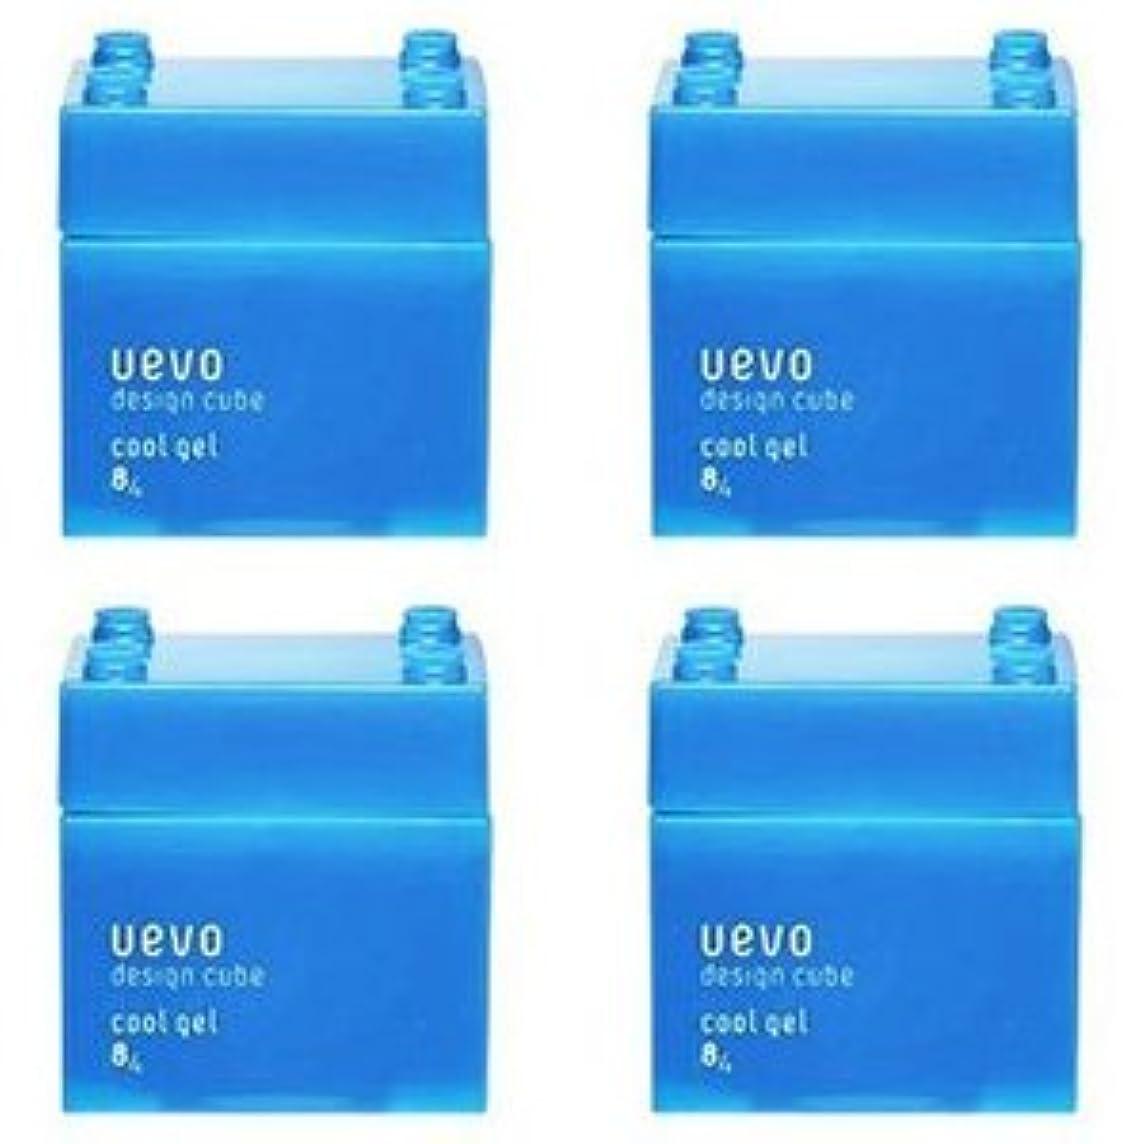 幾分問い合わせピルファー【X4個セット】 デミ ウェーボ デザインキューブ クールジェル 80g cool gel DEMI uevo design cube